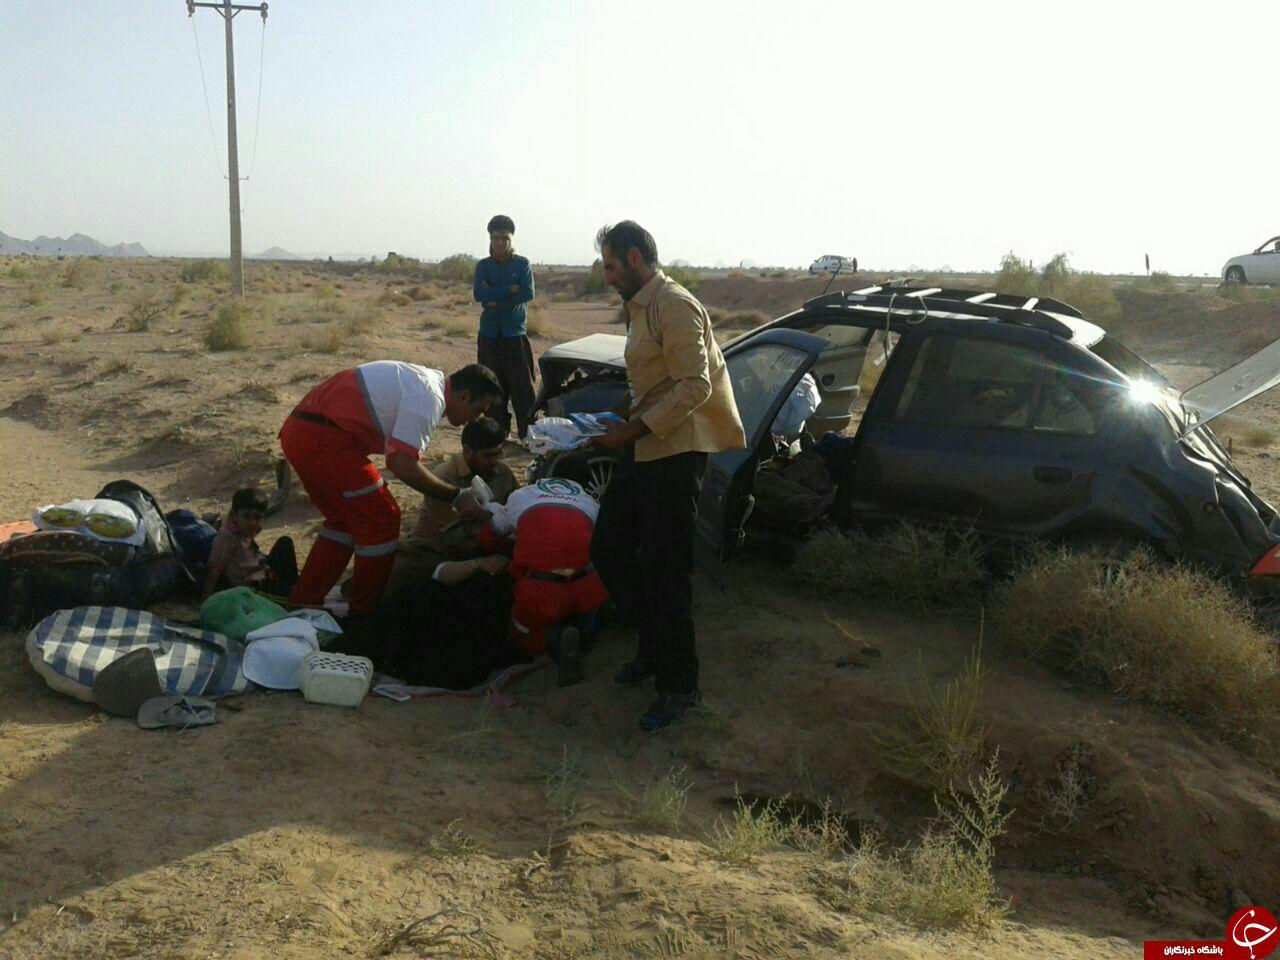 پنج مصدوم در حادثه واژگونی خودرو سمند+ تصویر